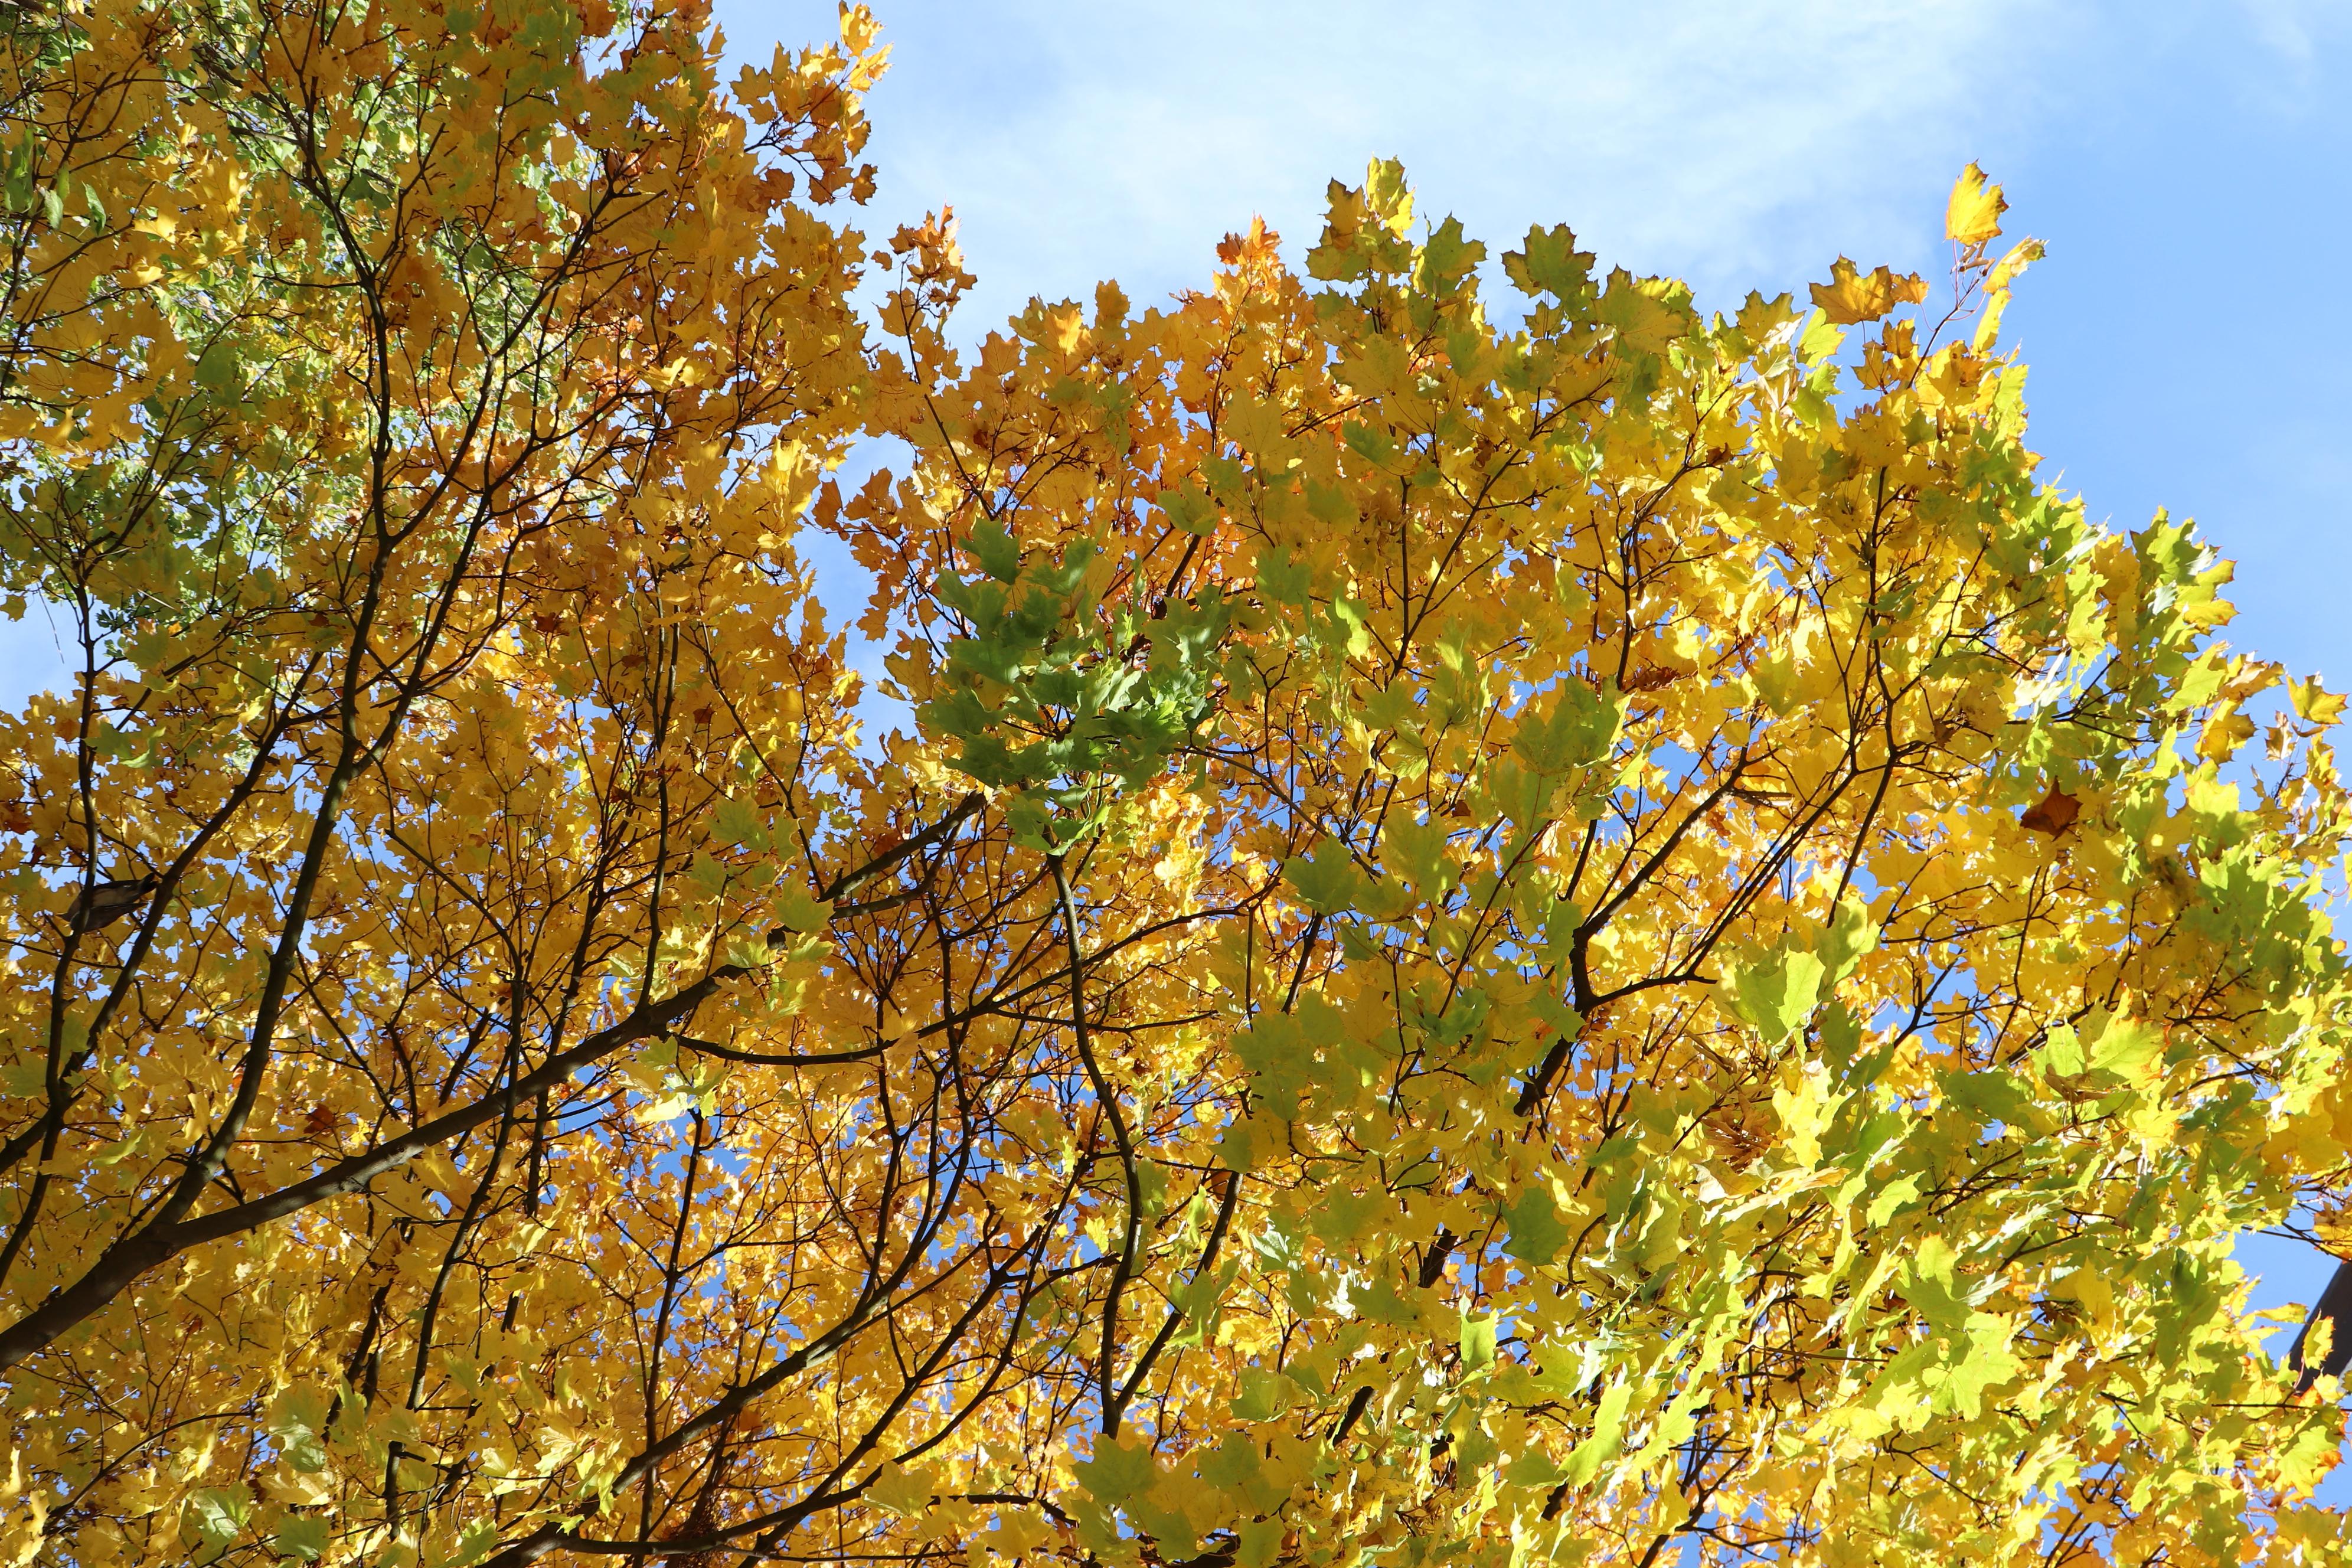 Baum mit Herbstlaub im Gartenbau